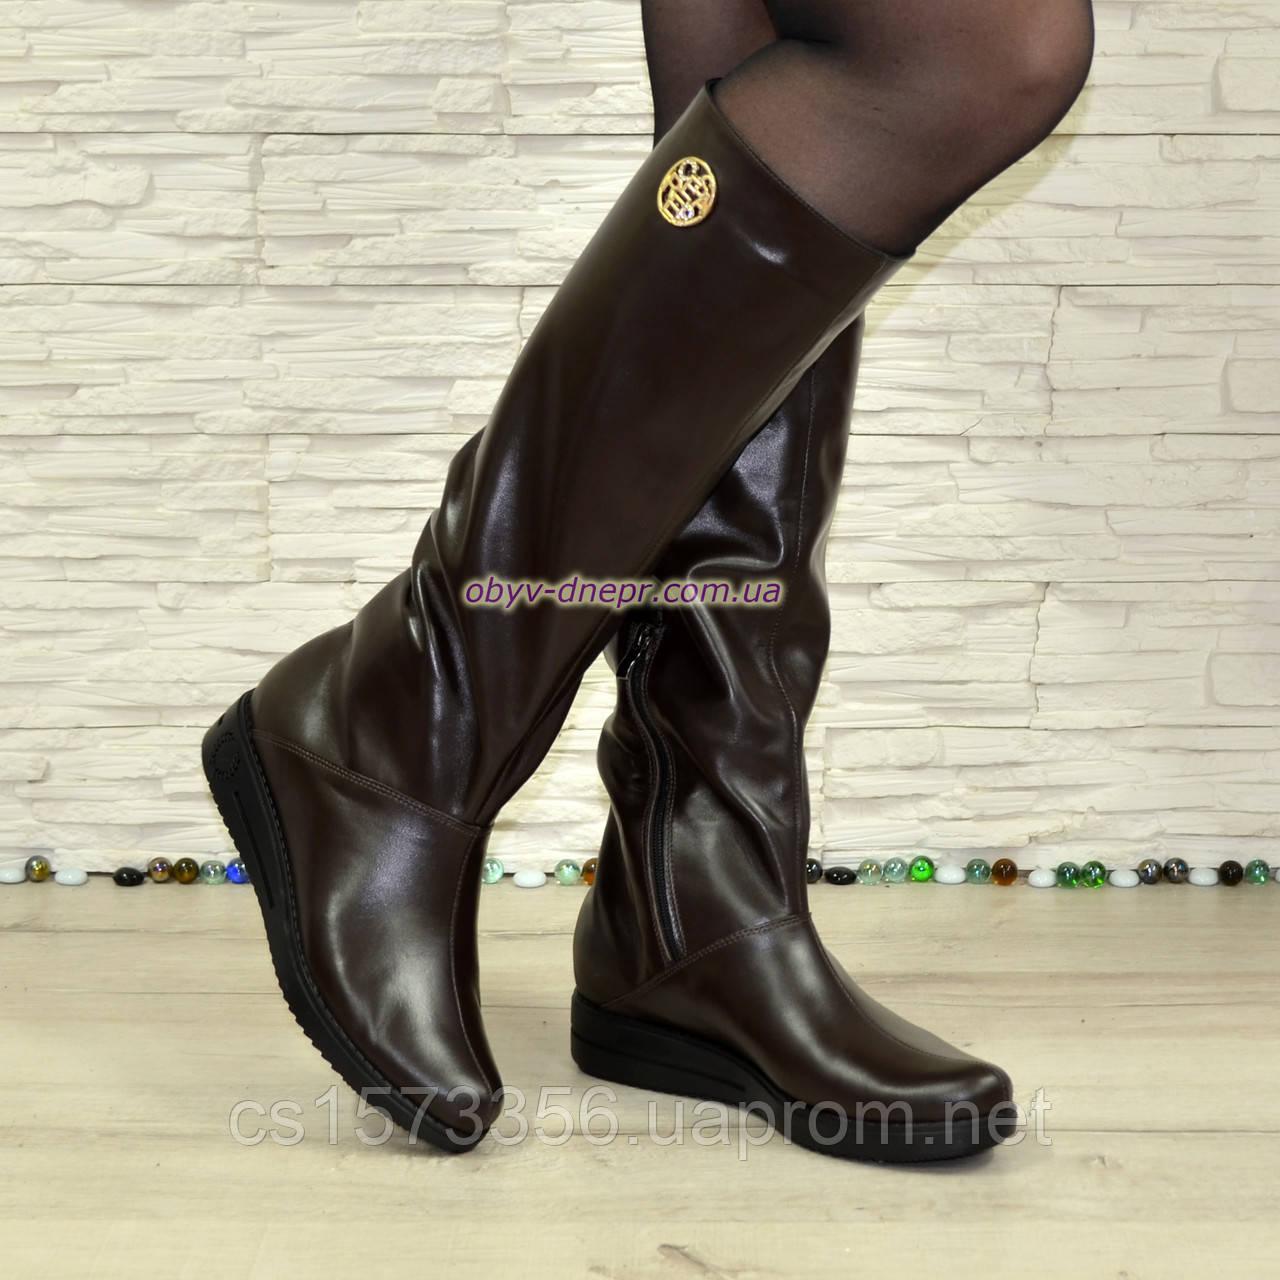 """Демисезонные женские сапоги """"свободного одевания"""" из натуральной кожи коричневого цвета на низком ходу"""